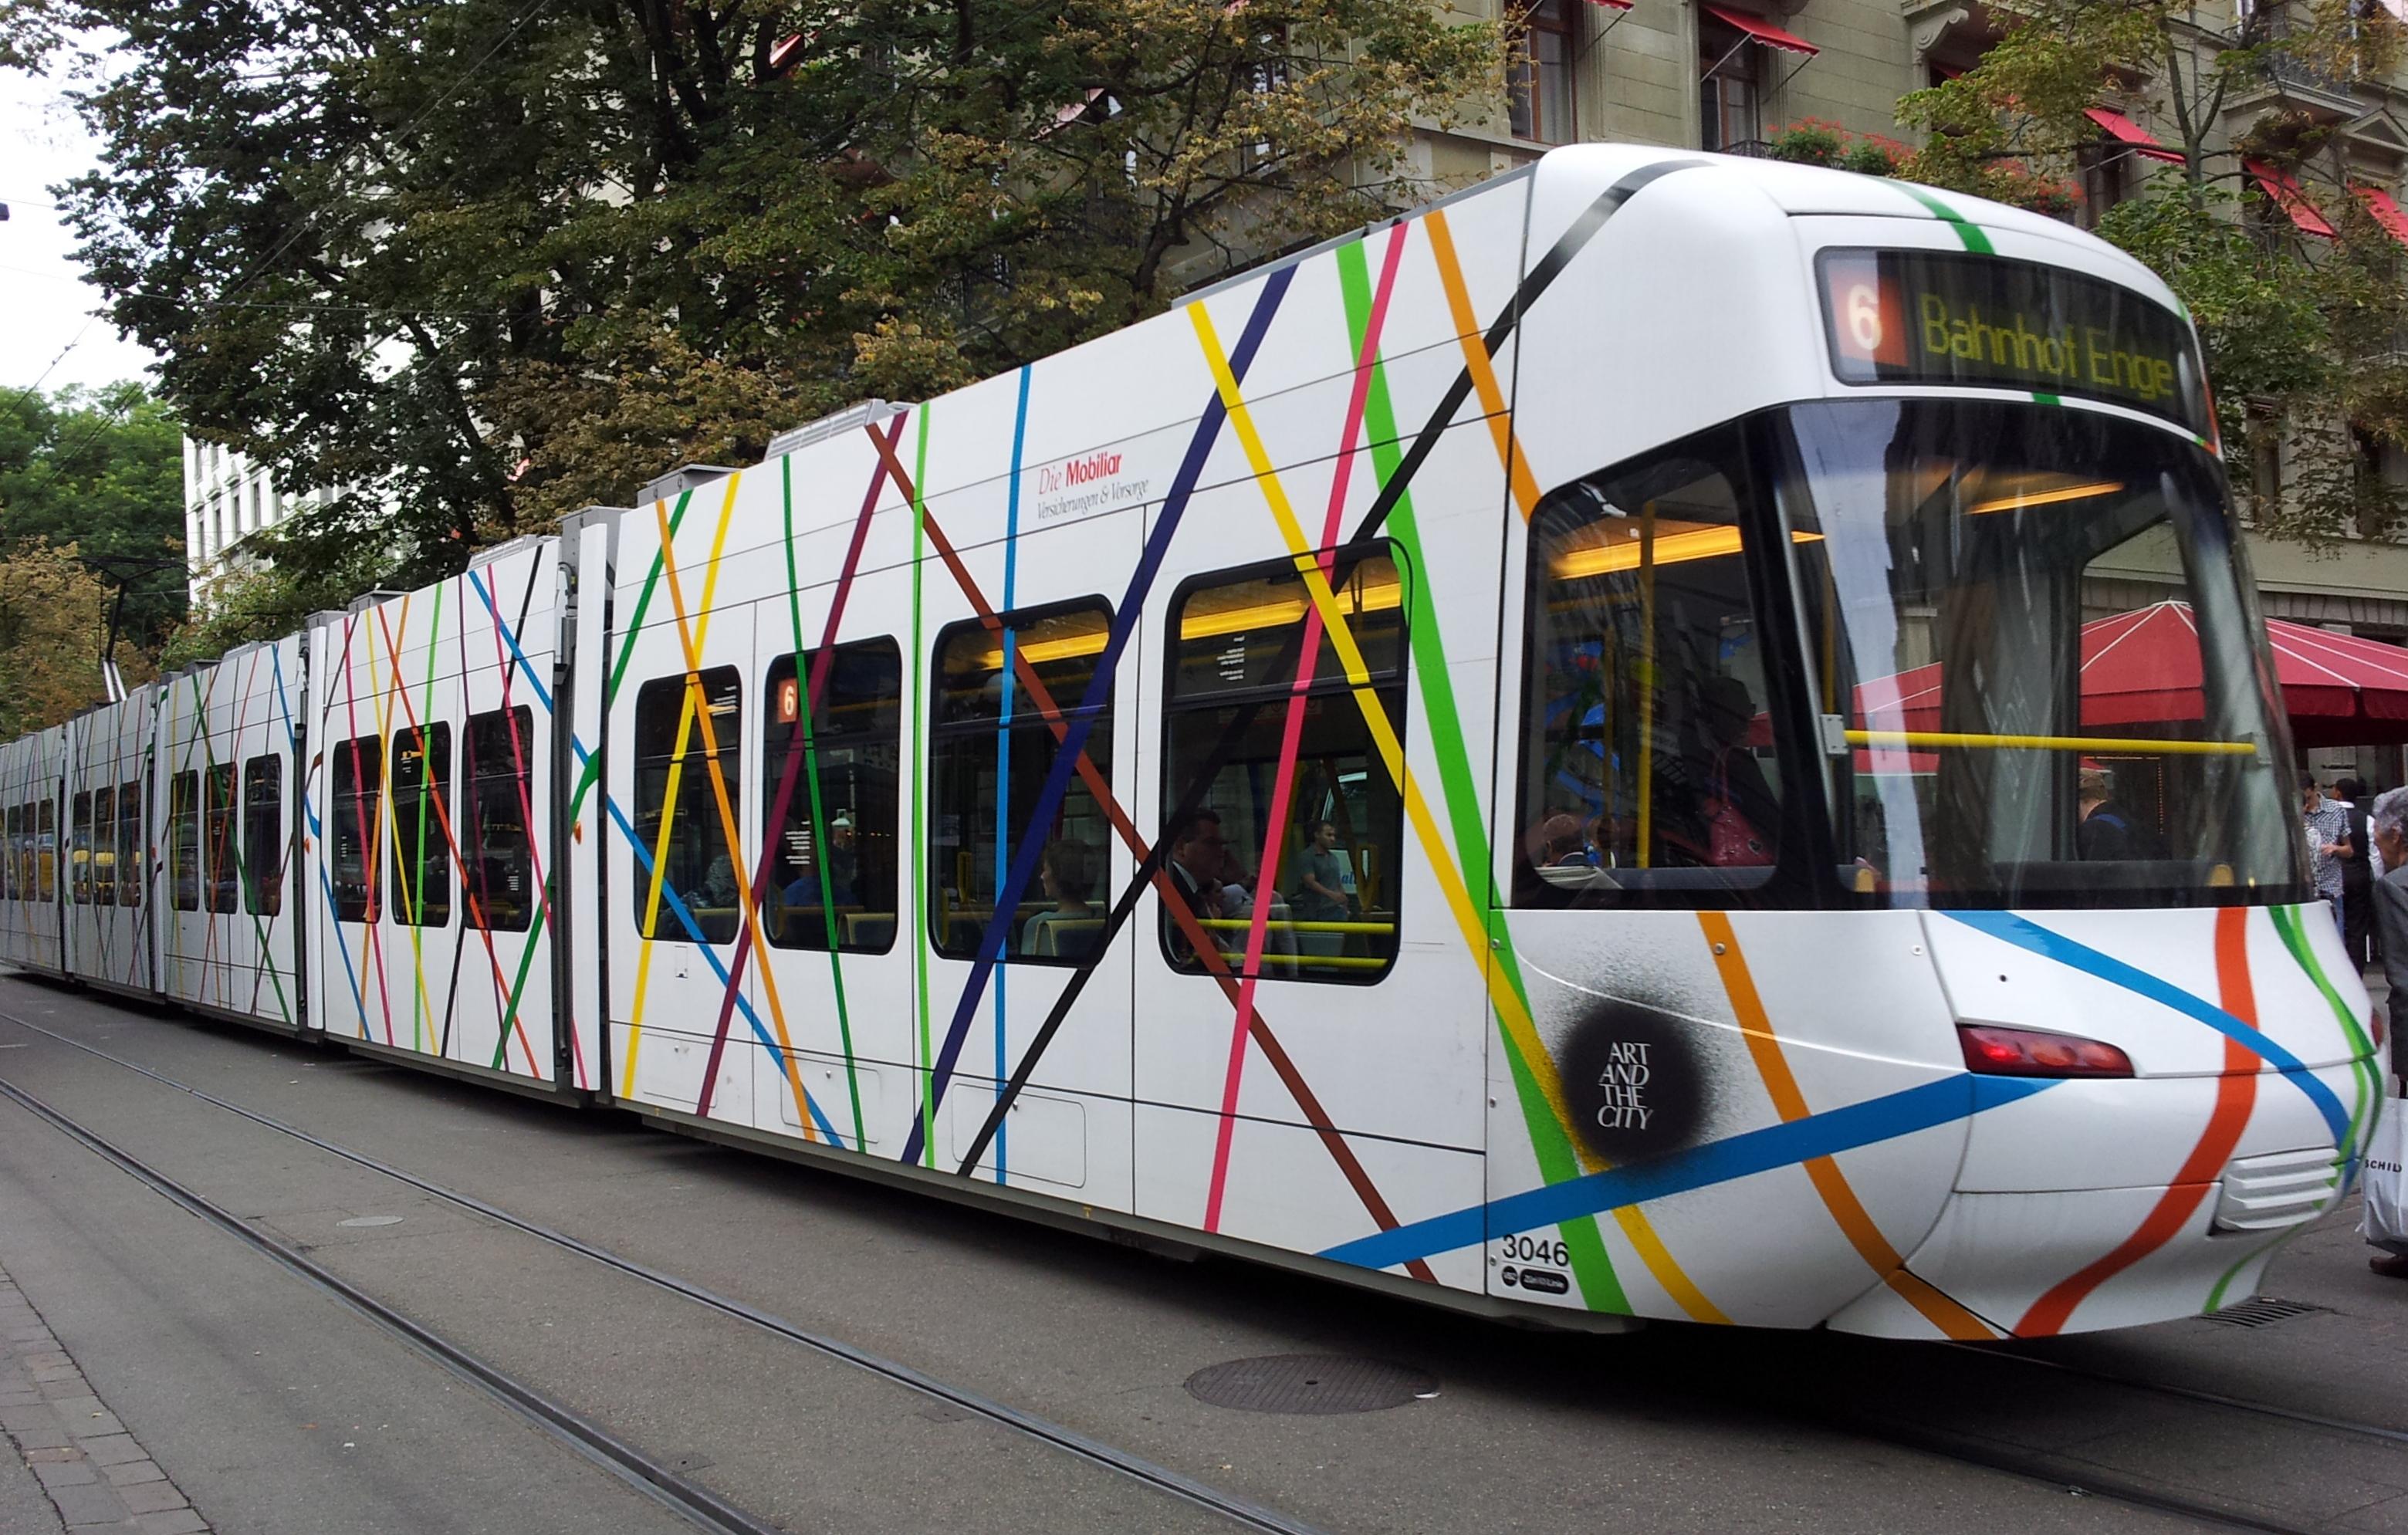 Il tram di palermo non sar bianco mobilita palermo for Mobilita palermo